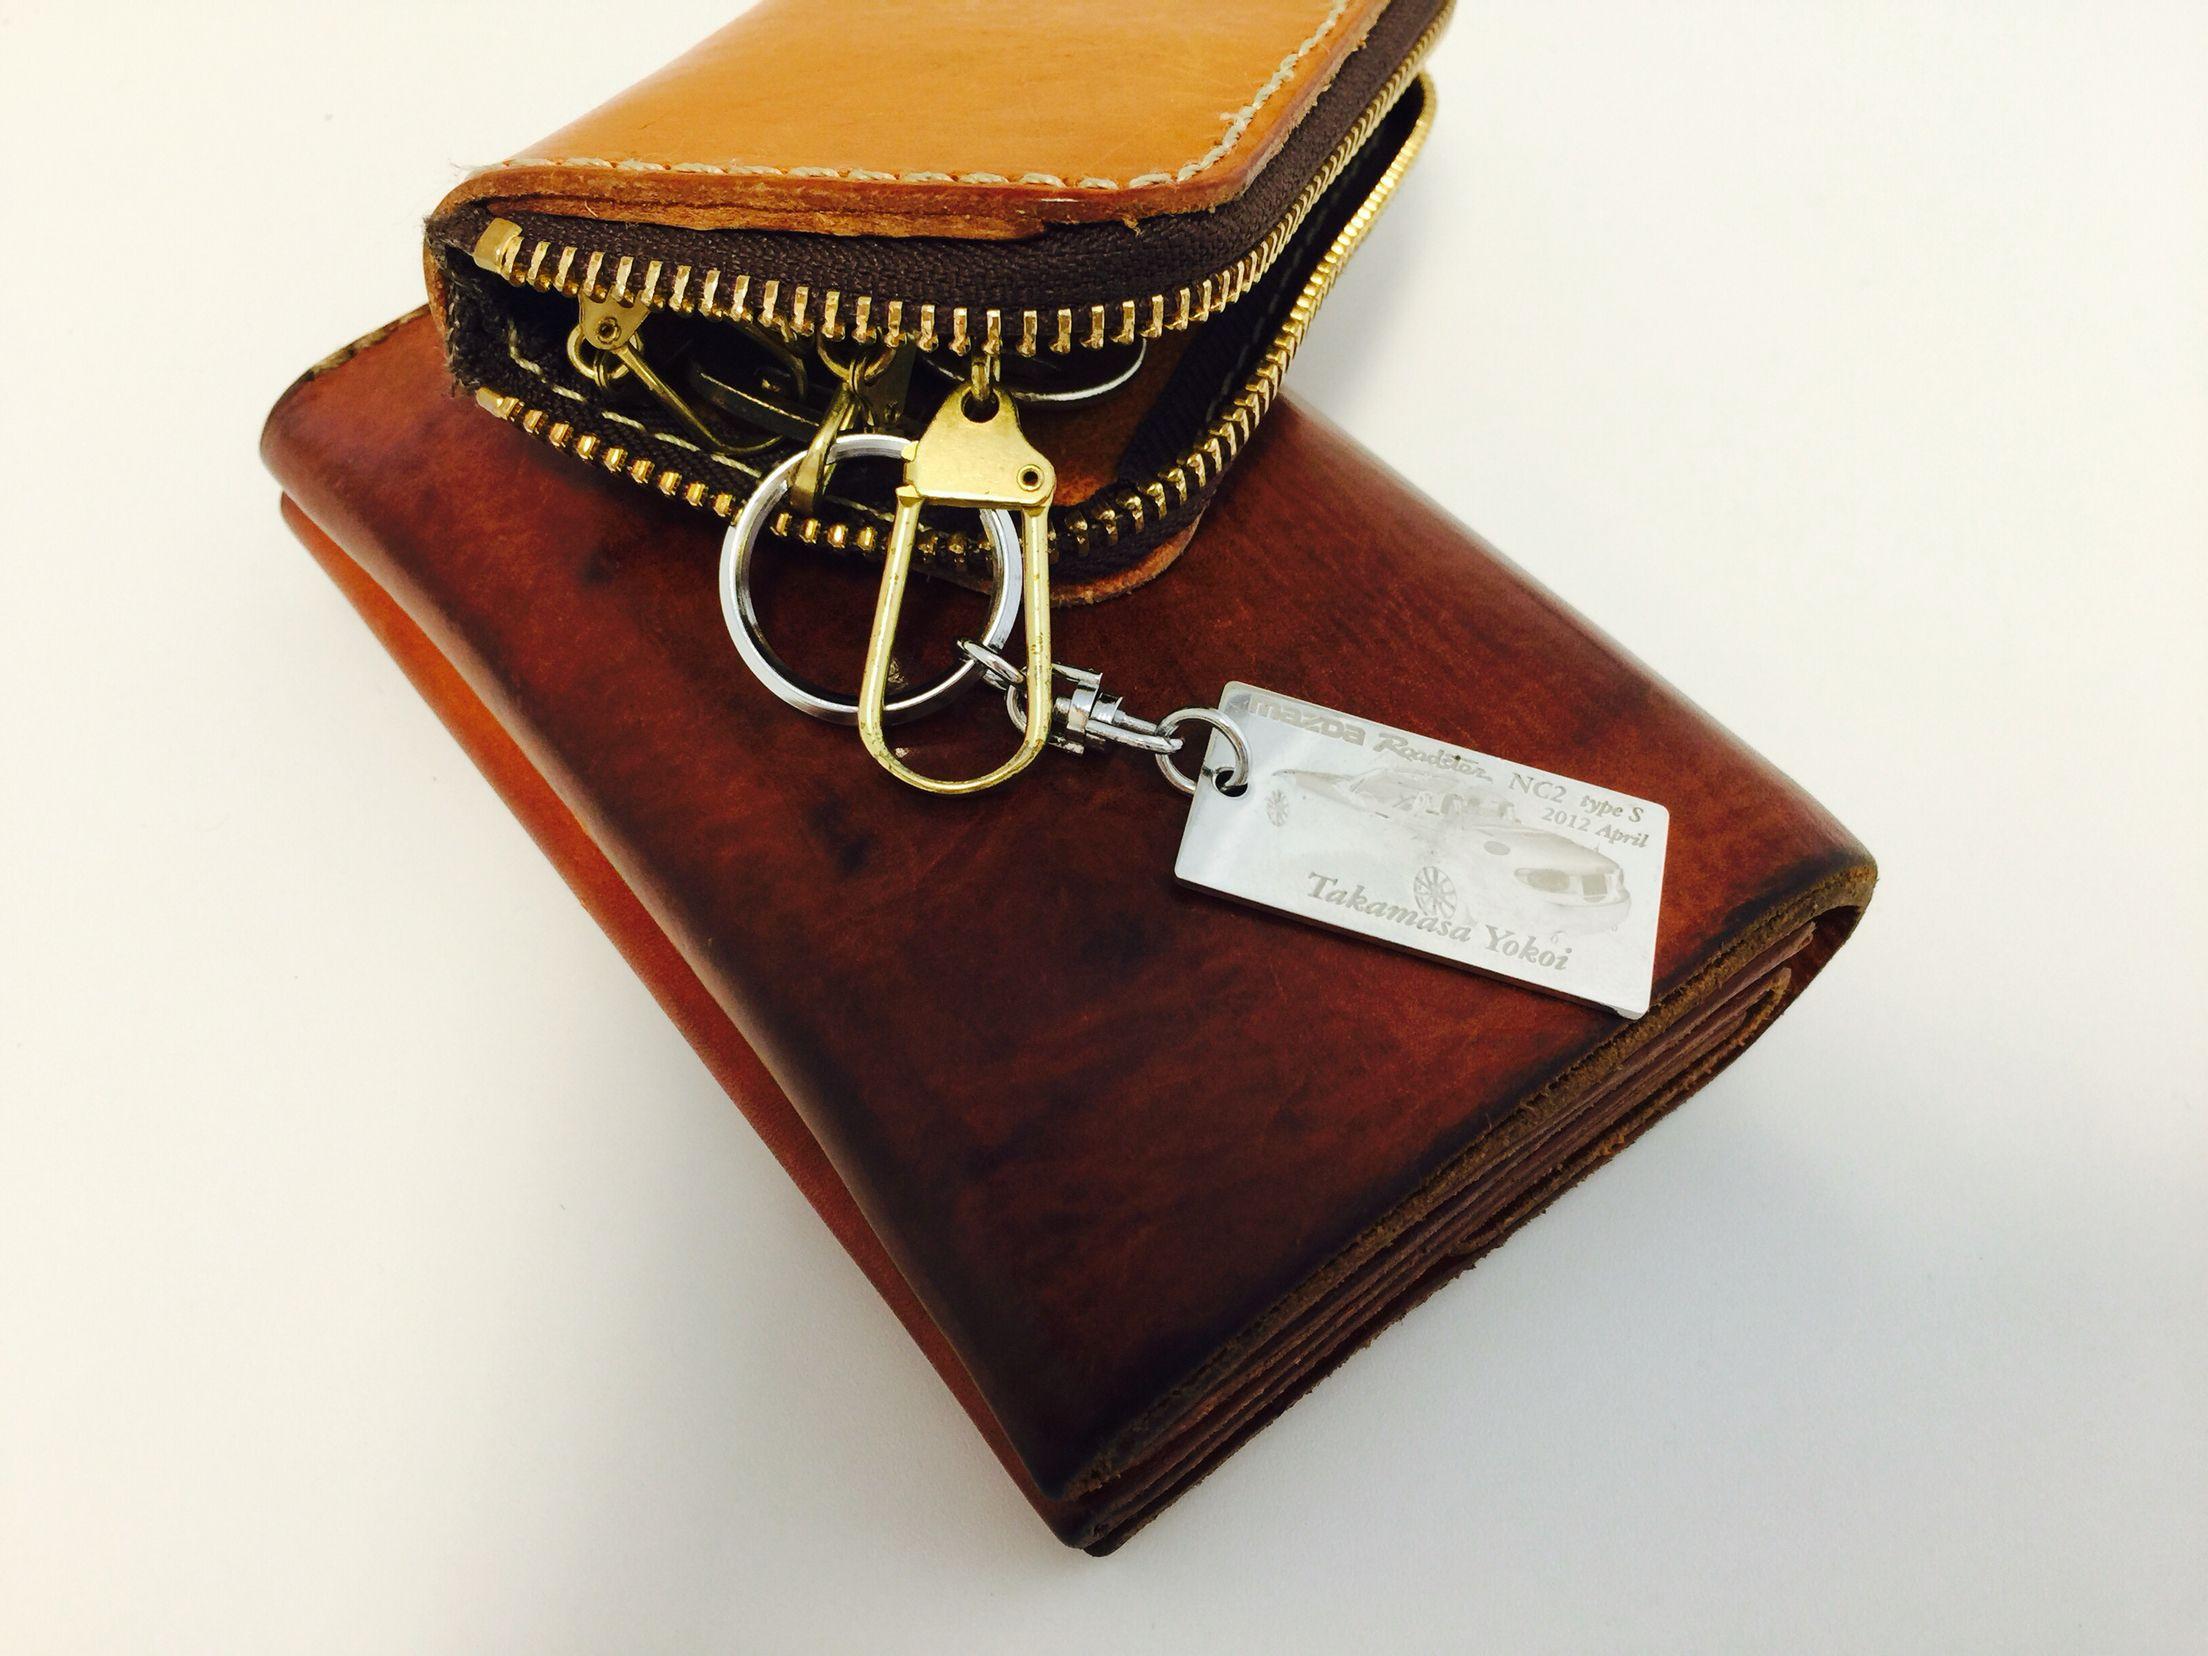 キーホルダーと ヘルツのキーケースおよび財布